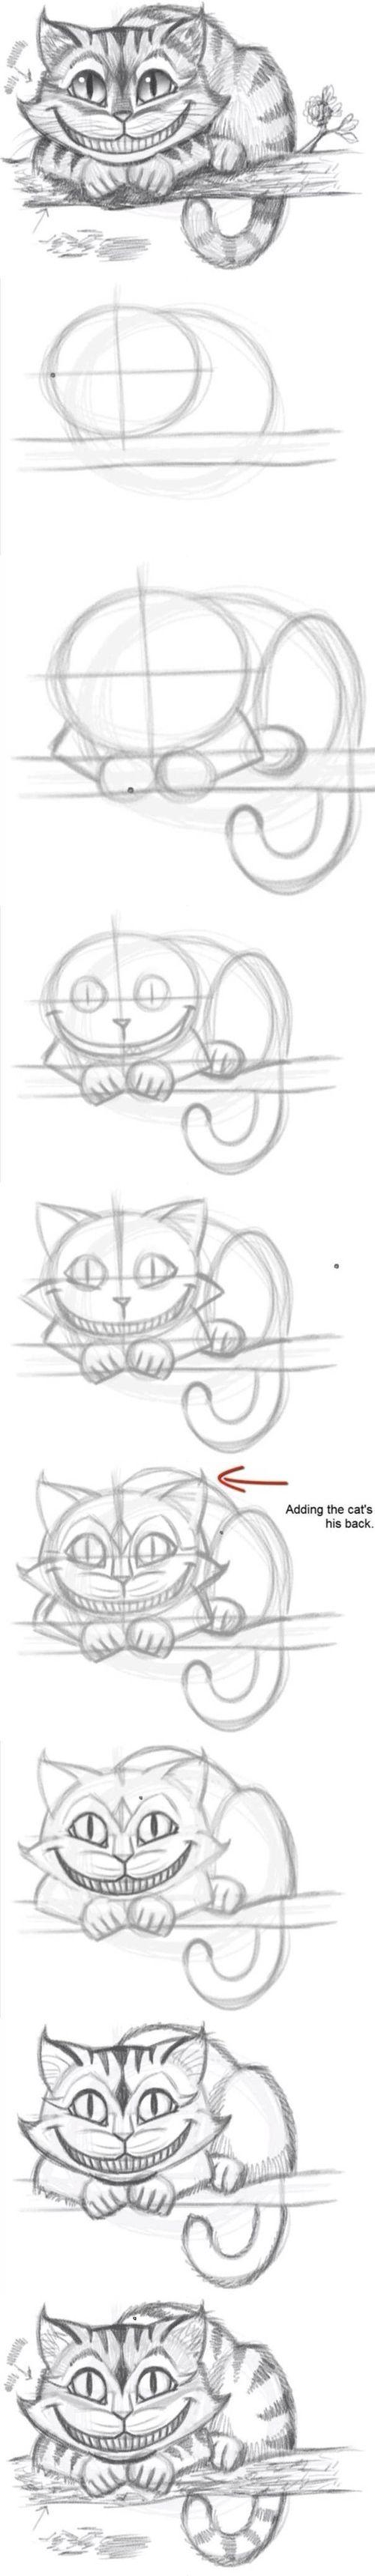 Tutoriel Dessiner Le Chat D Alice Au Pays Des Merveilles Du Papier